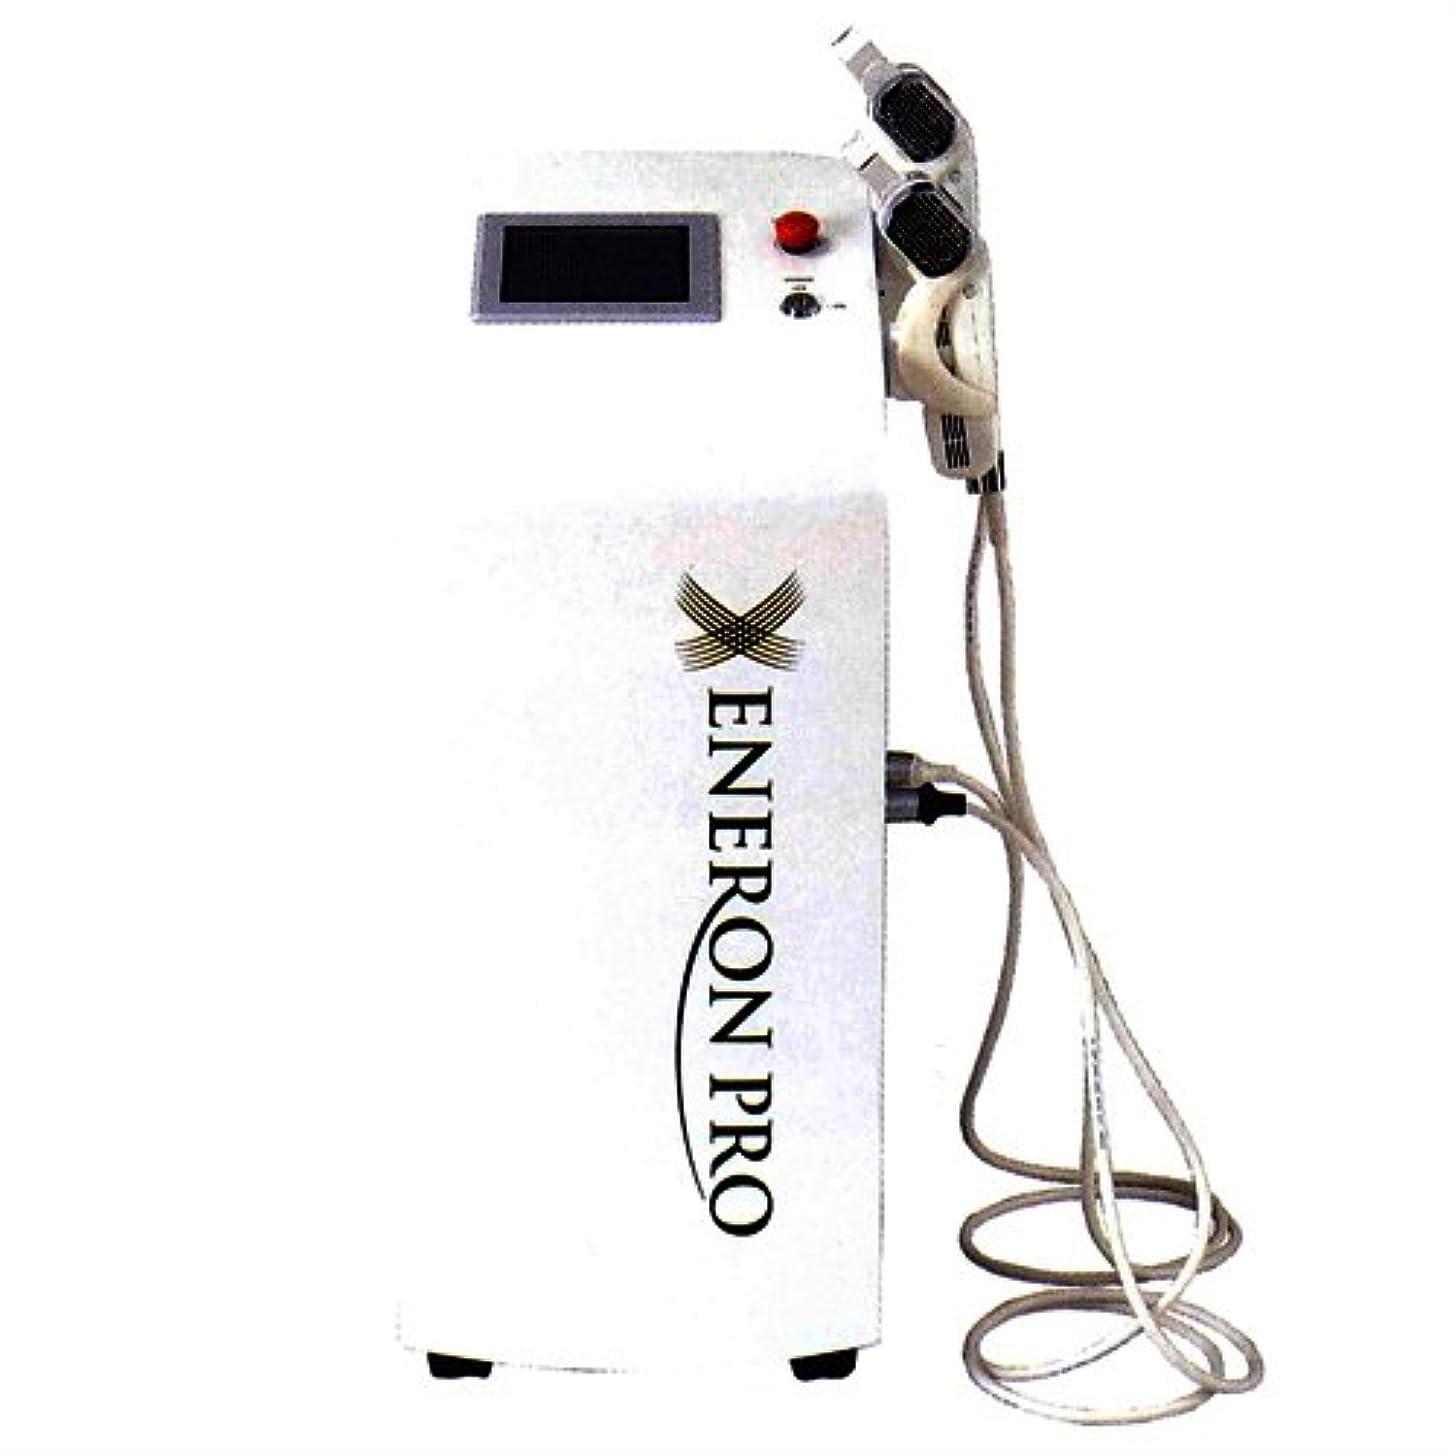 反映するラグシンク美容ライト脱毛?フェイシャル機器 伊藤超短波 エネロンプロ(ENERON PRO)